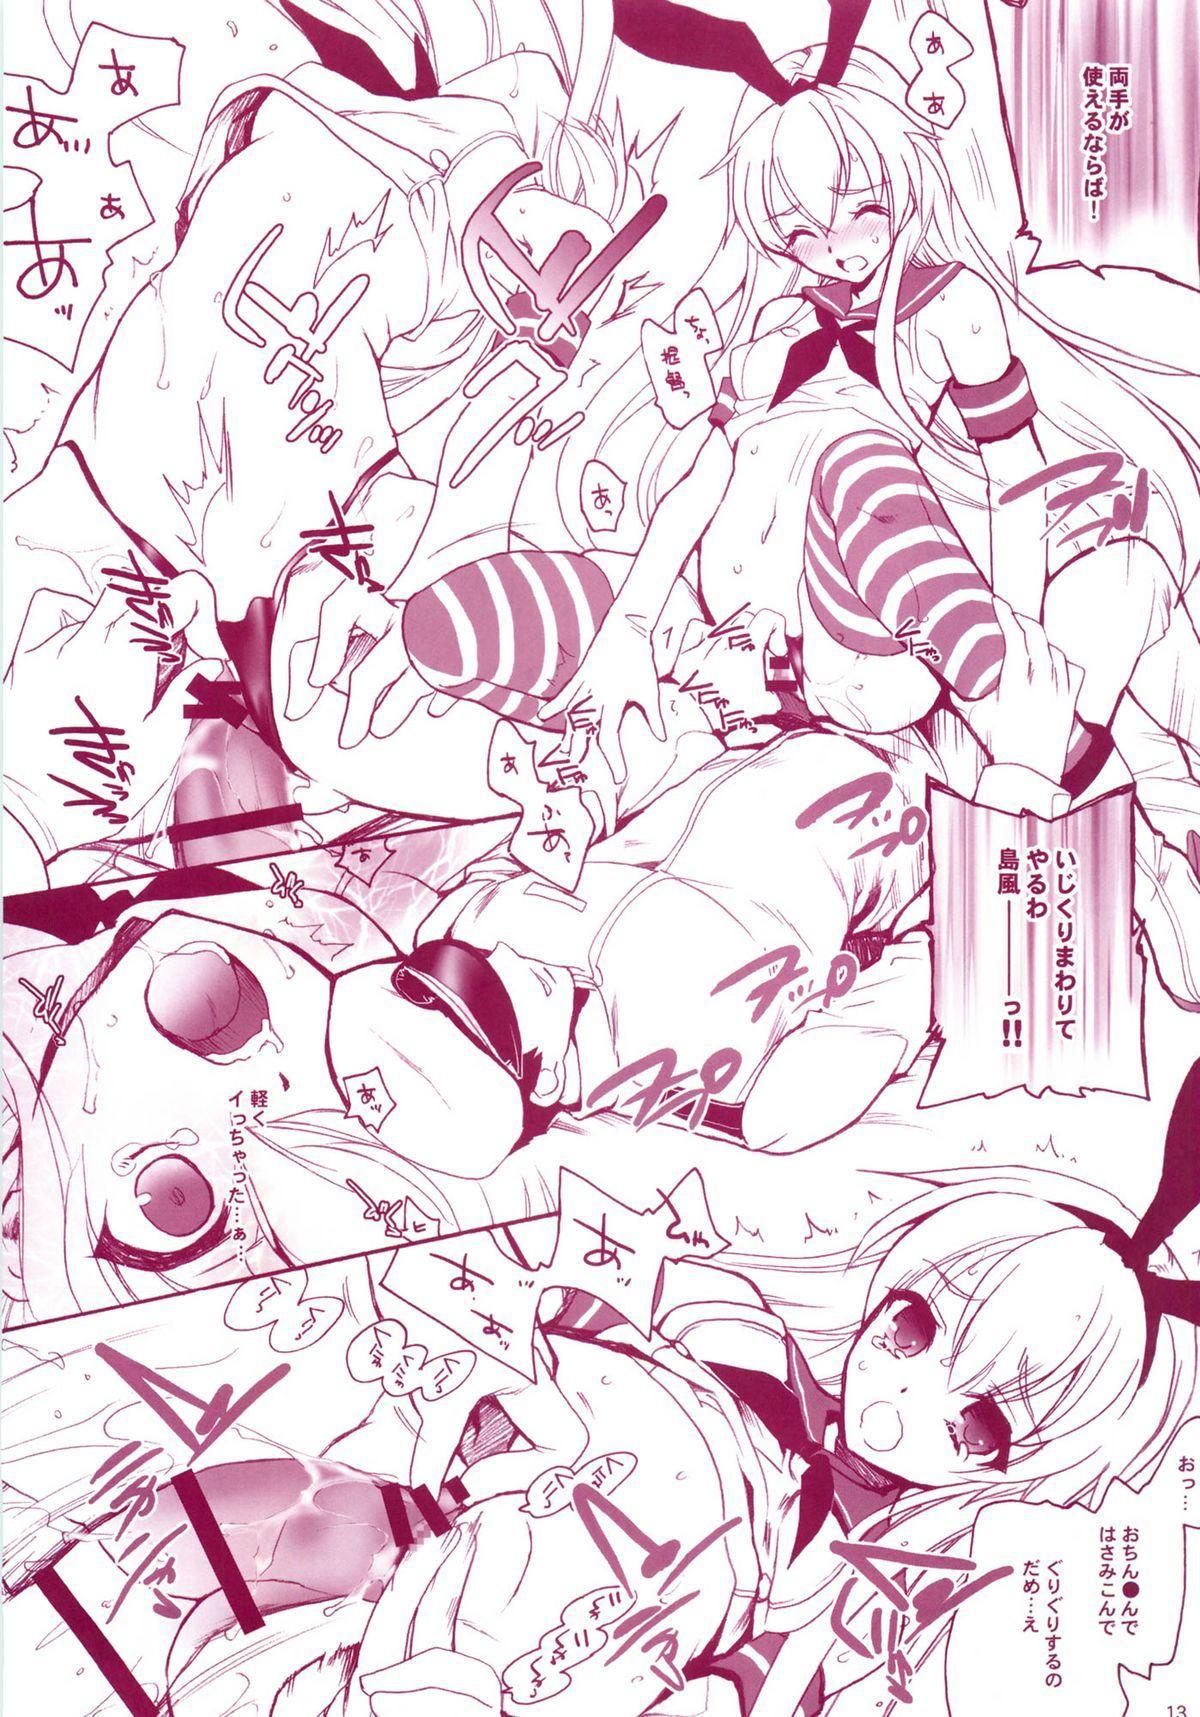 KanMusu H Colle Amatsukaze Shimakaze hen 11